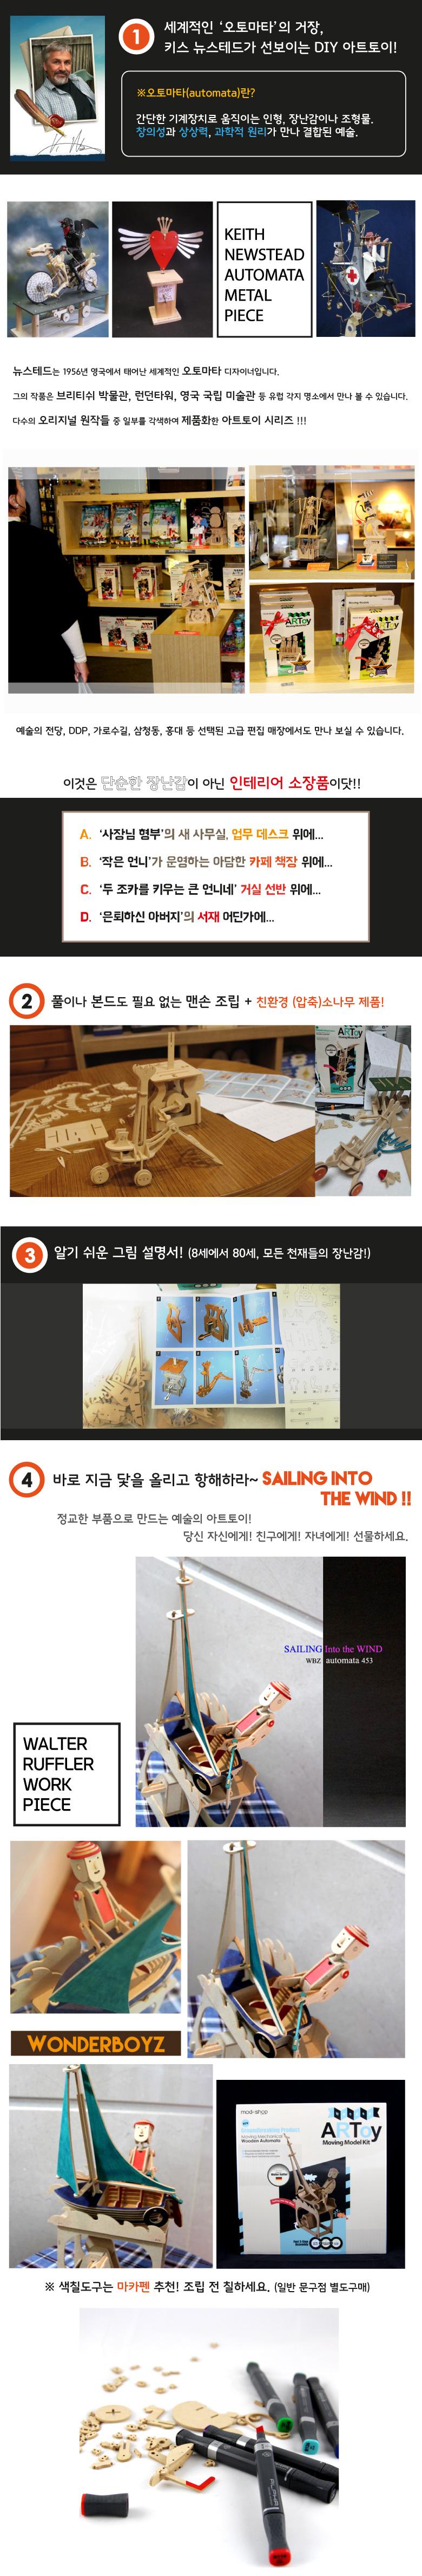 닻을 올리고 항해하라 - Sailing into the Wind - 원더보이즈, 39,800원, 우드 토이, DIY세트